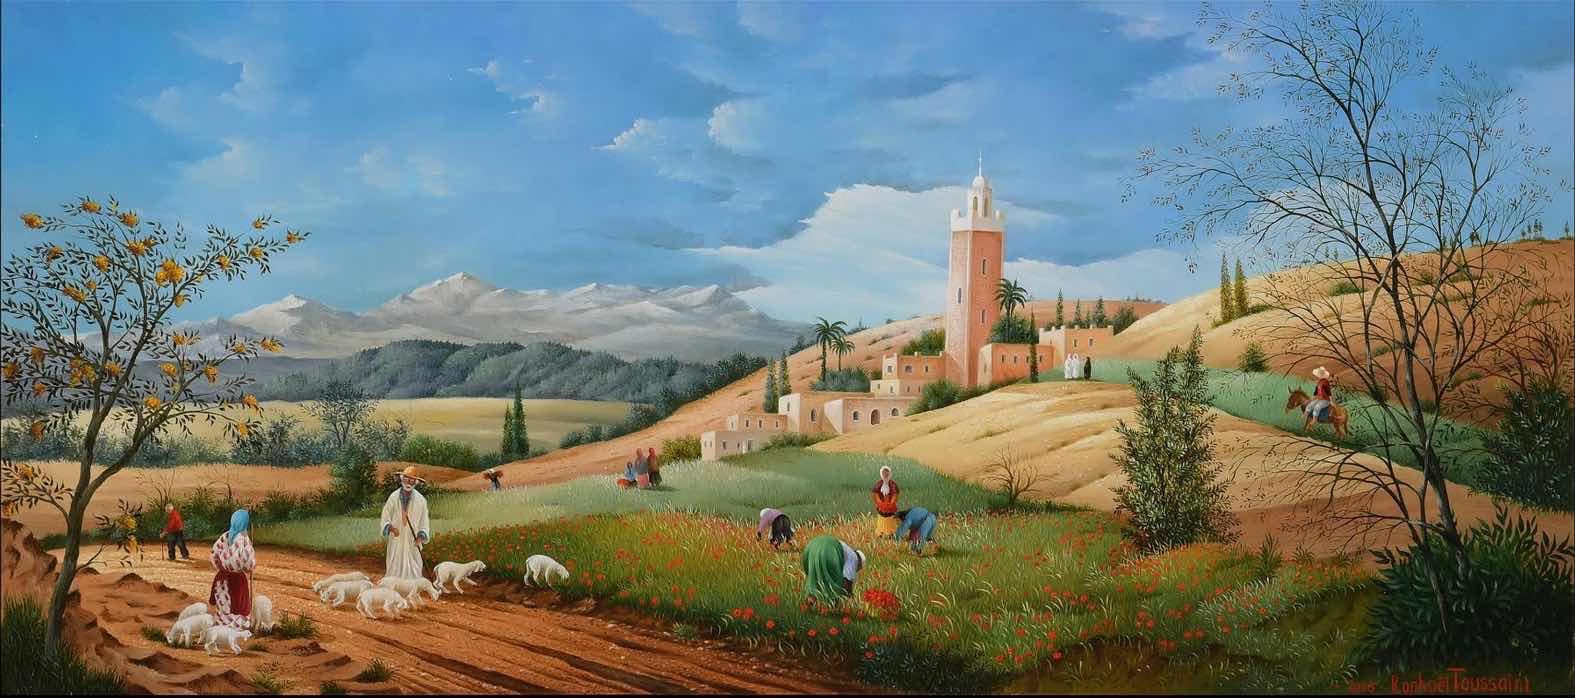 (895)-Le champs de coquelicots – Marrakech – Maroc